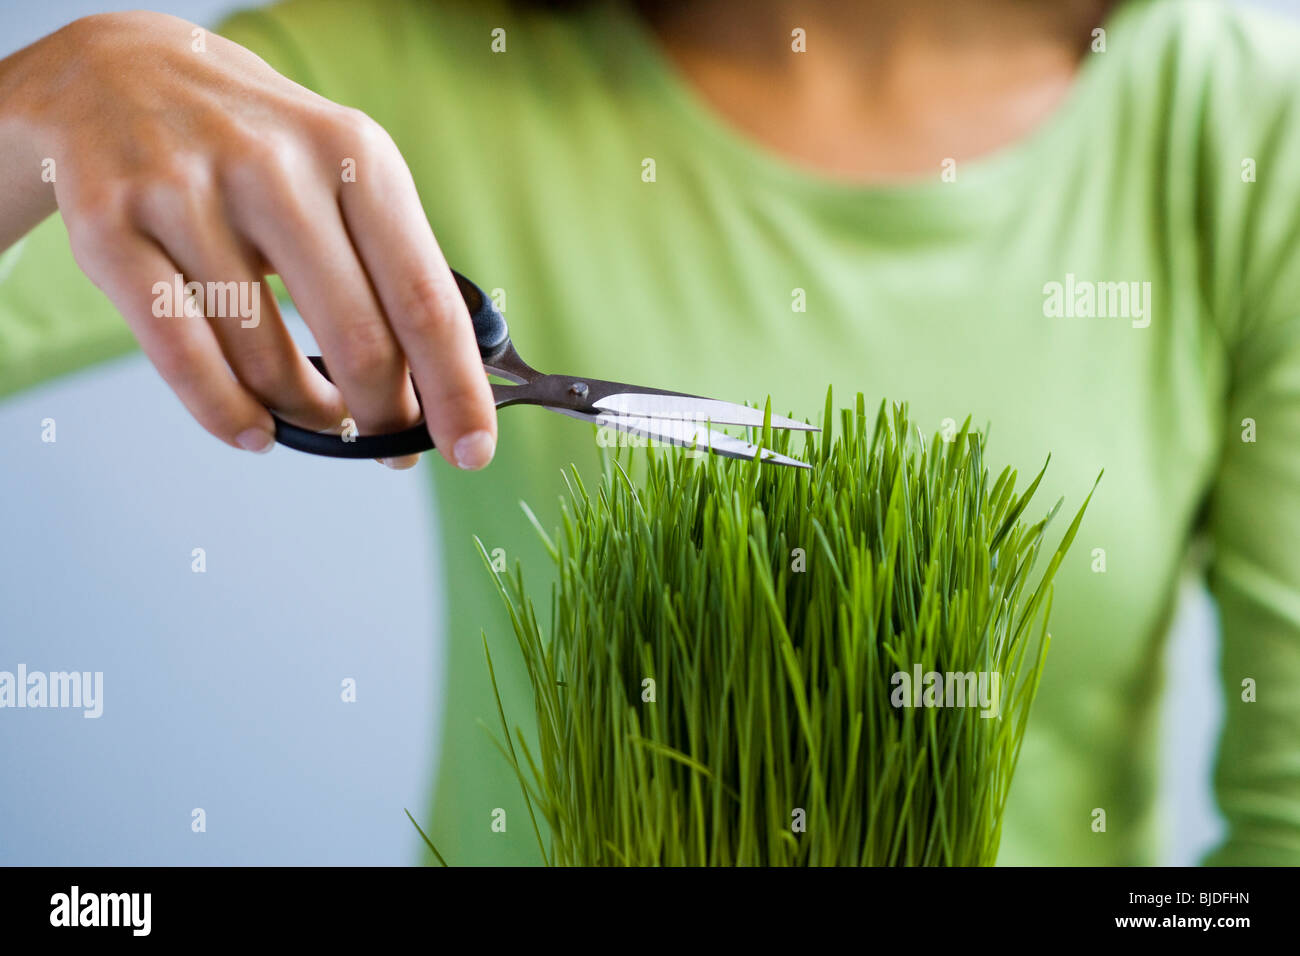 Frau Grass mit einer Schere zuschneiden. Stockbild